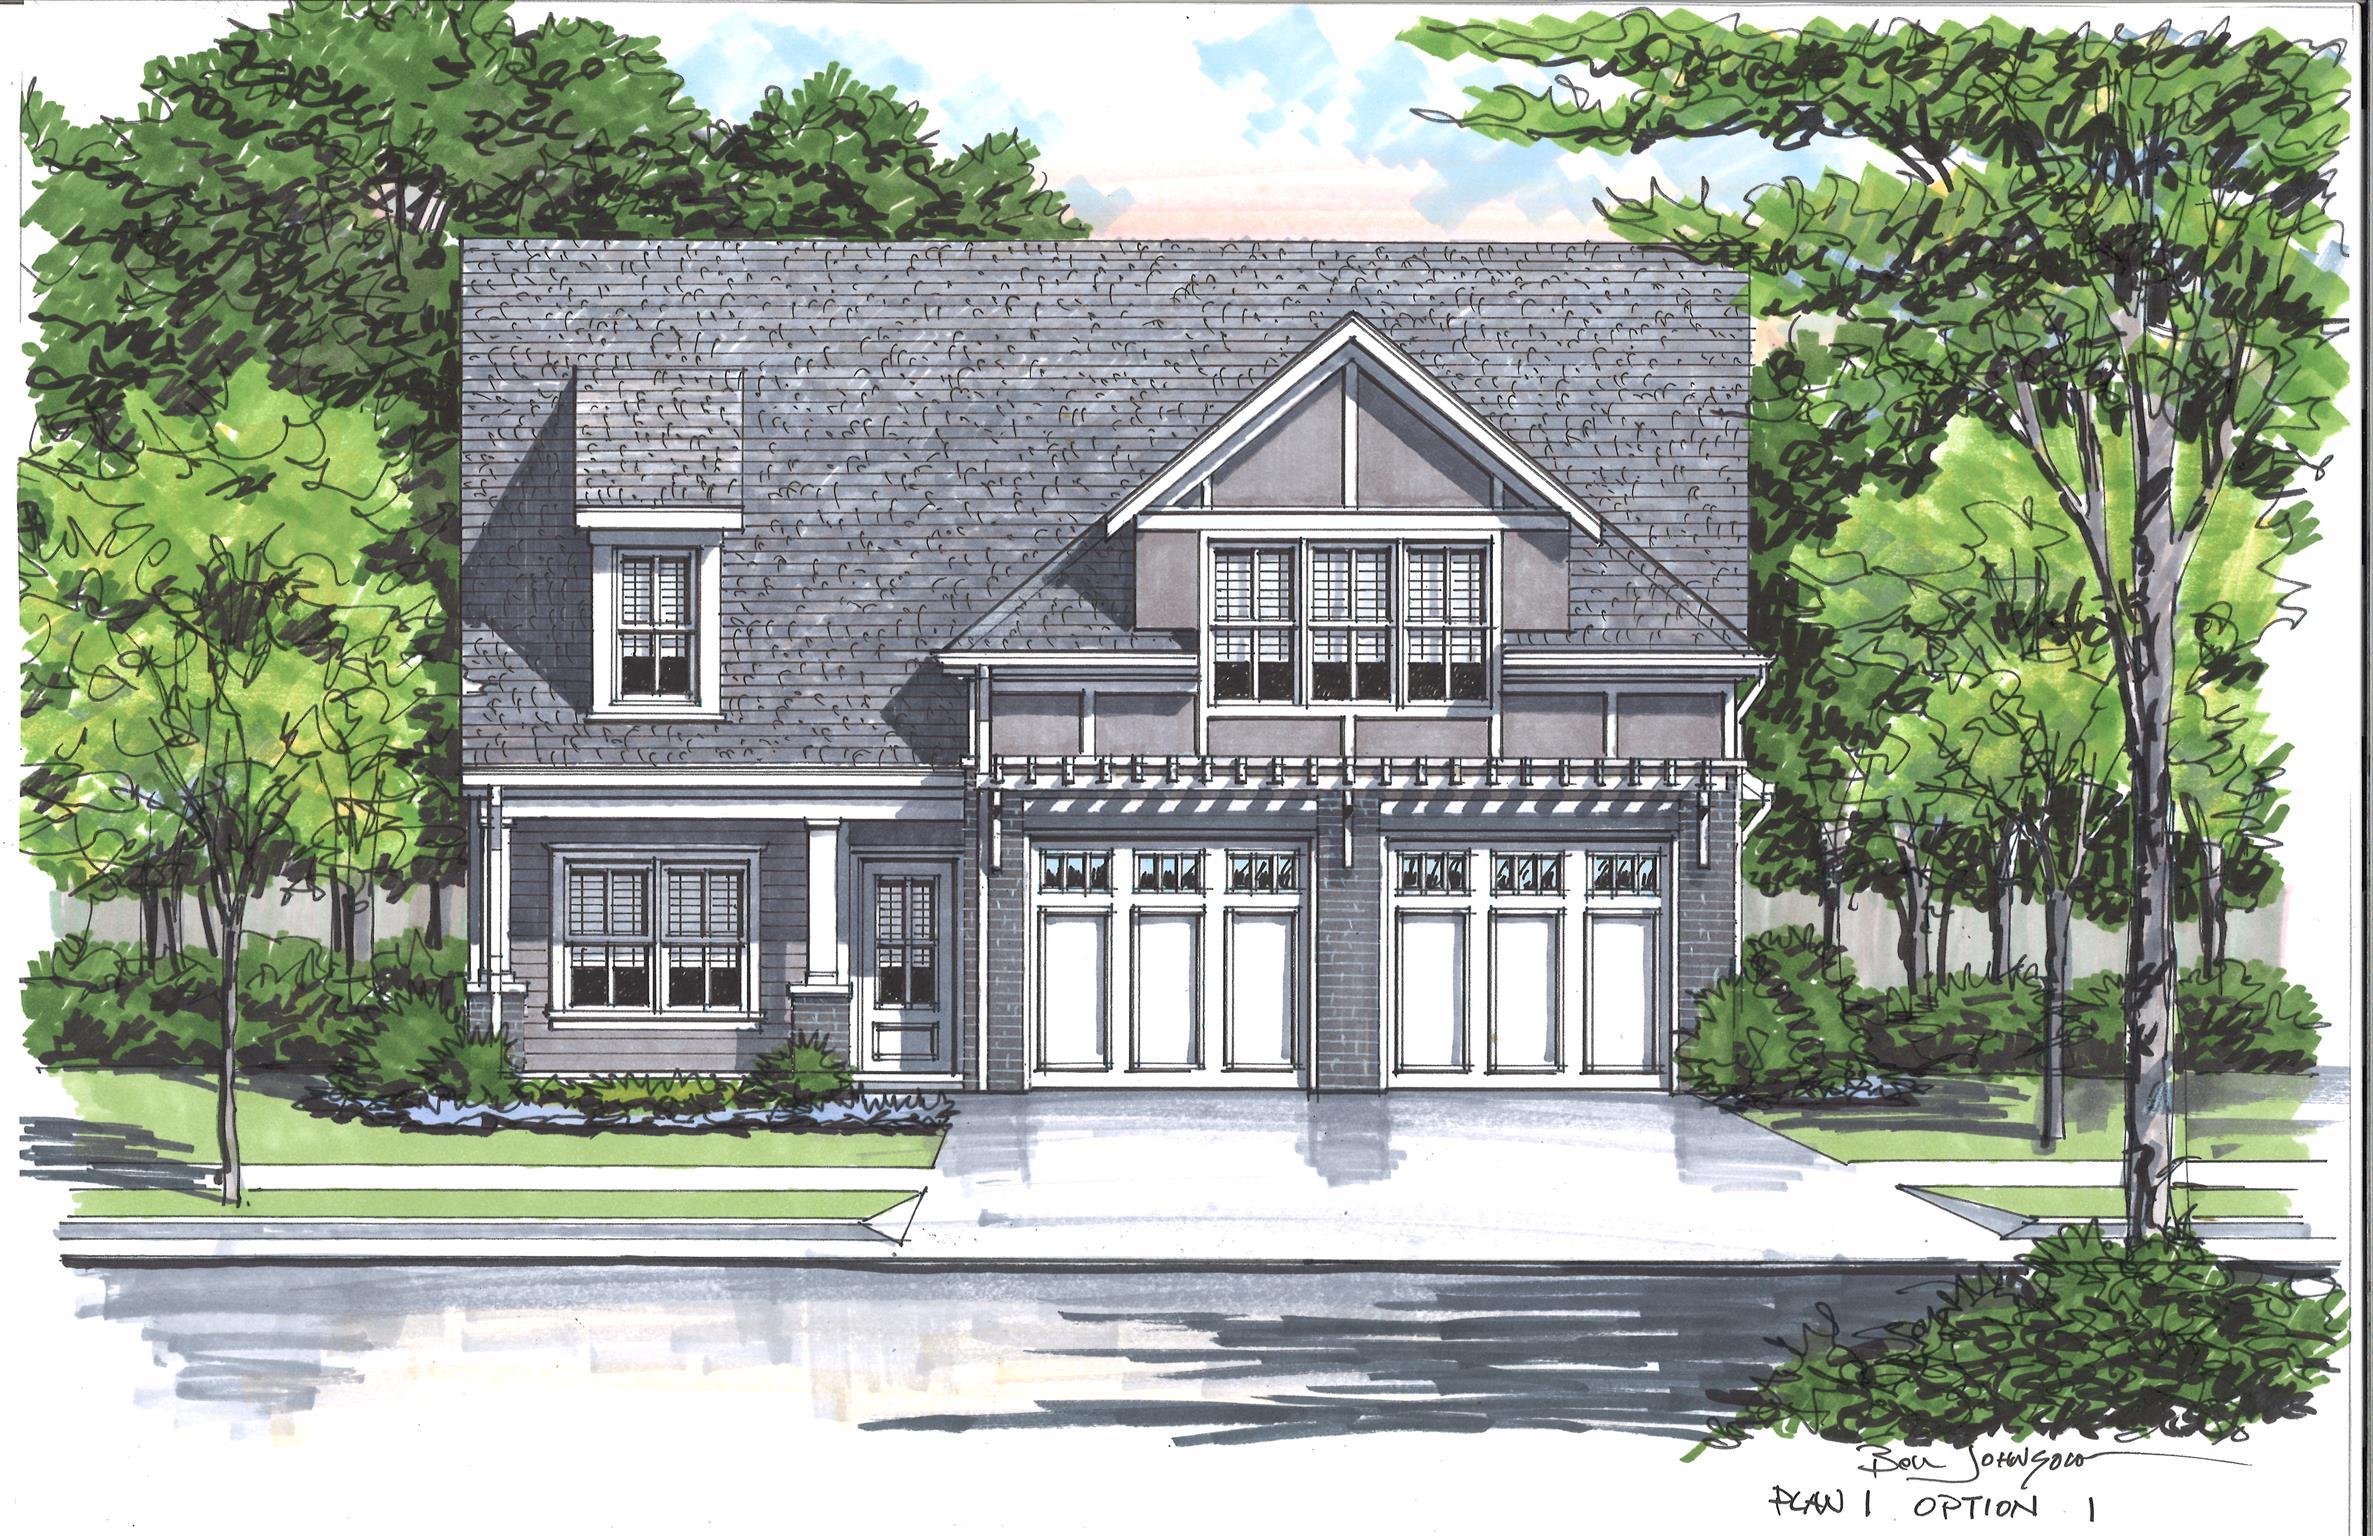 0 Caroline Farms Drive 7, Murfreesboro, TN 37129 - Murfreesboro, TN real estate listing